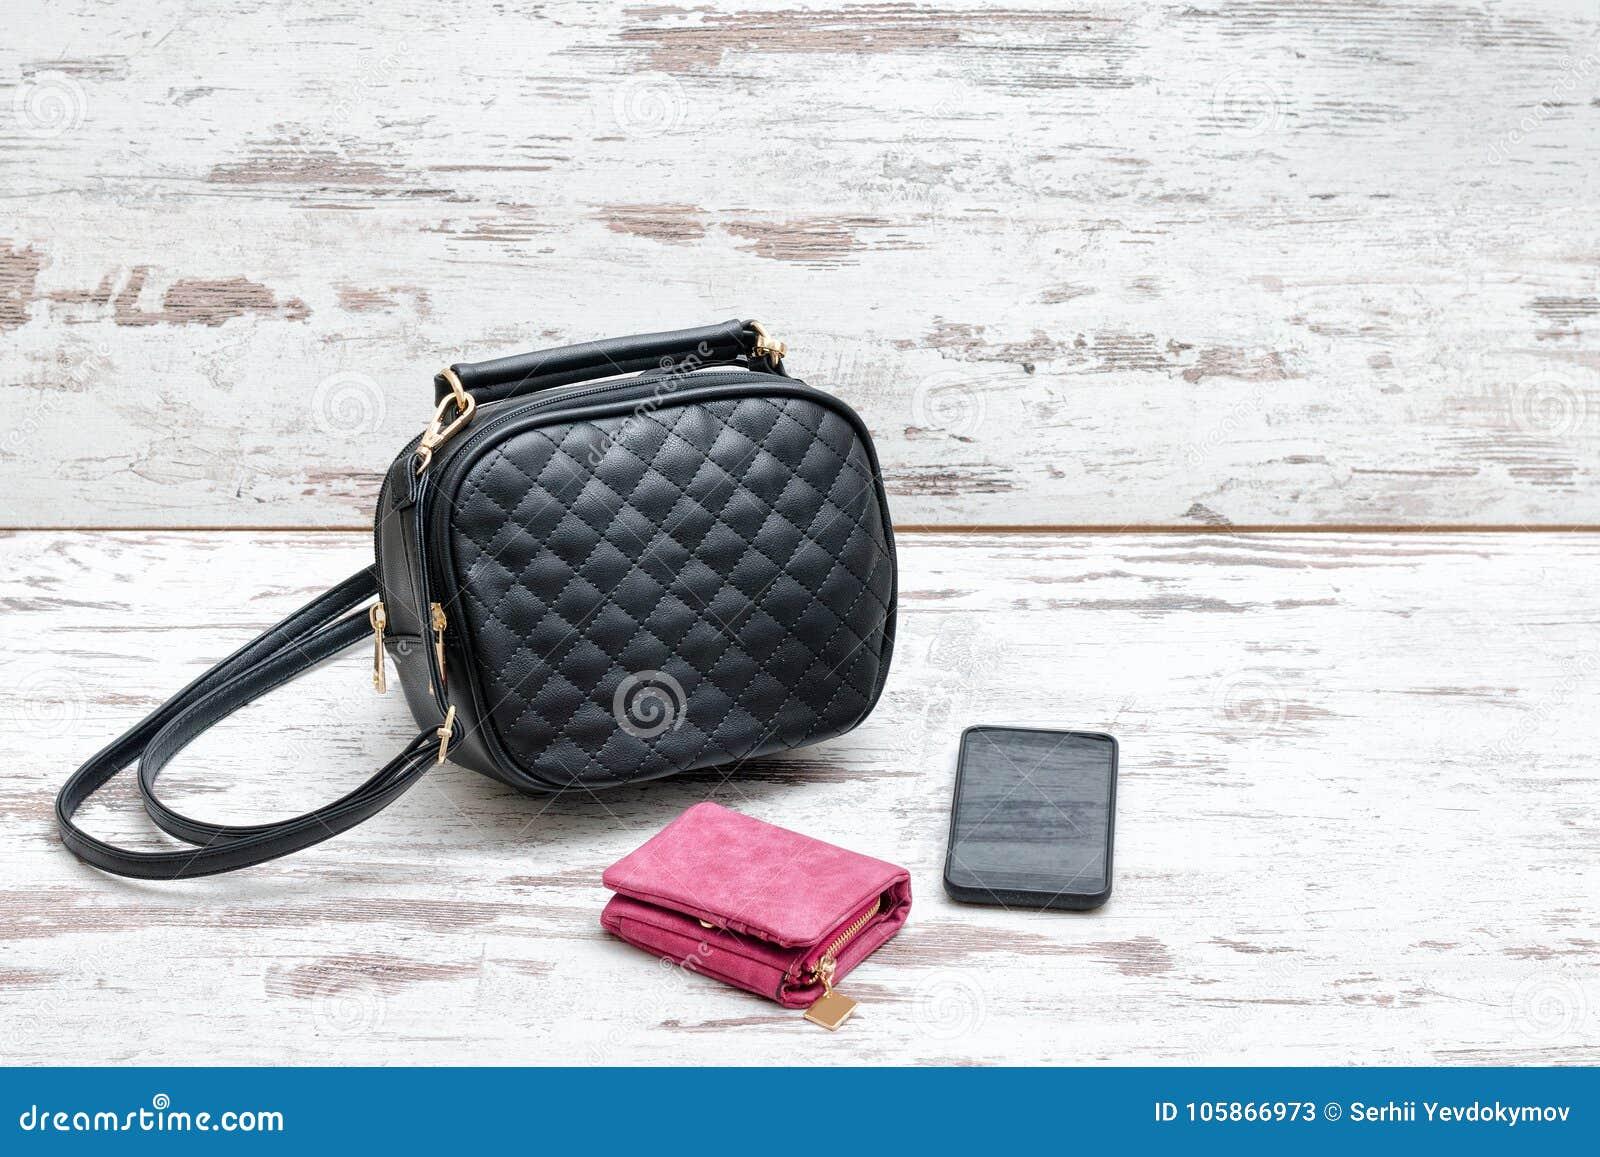 Intelligent De Rose Petit Et Sac À DamesBourse Main Noir Téléphone NwPkn0O8XZ